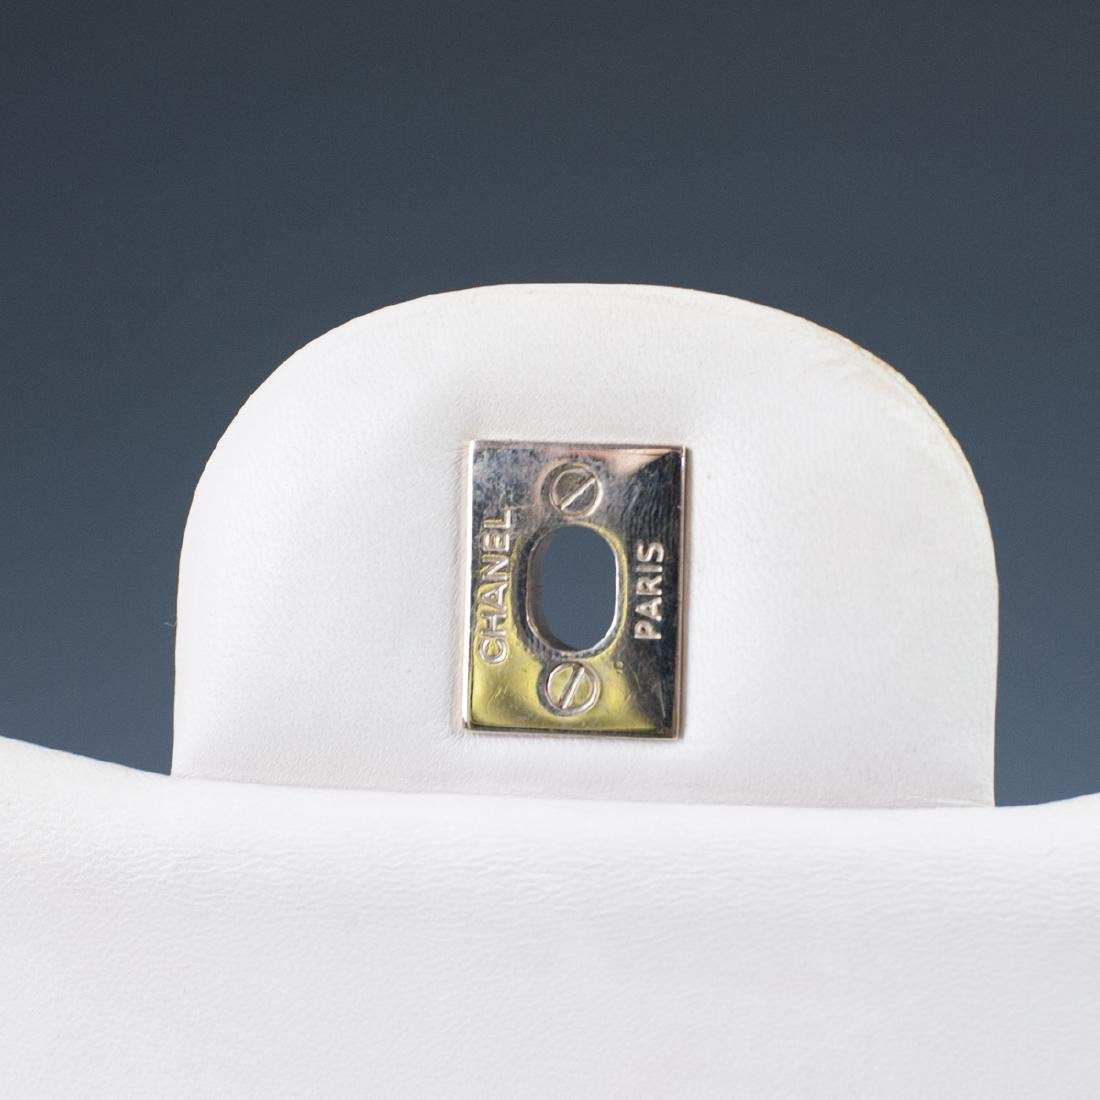 Chanel Light Beige Calfskin Flap Bag - 6